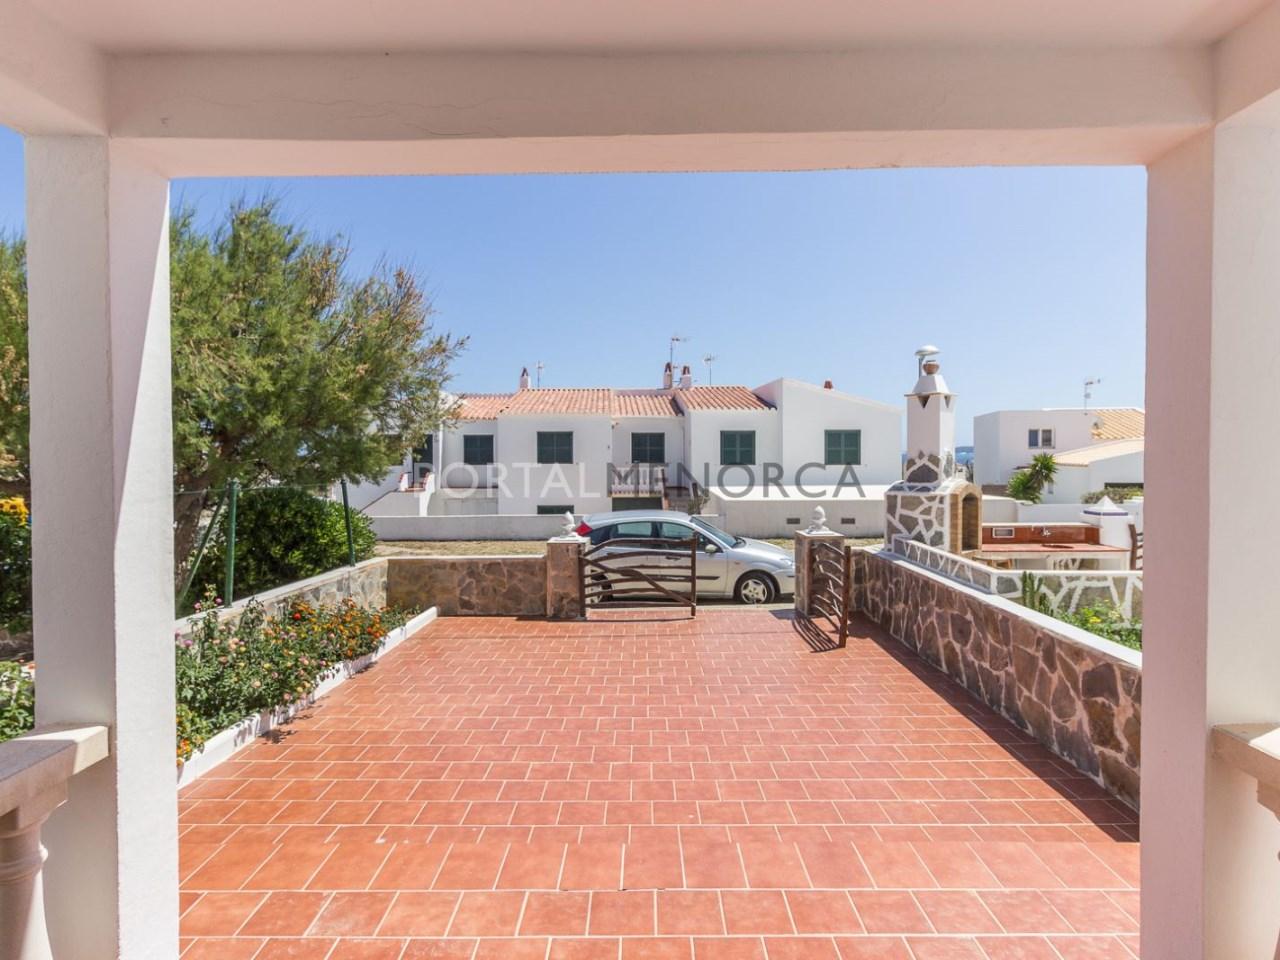 apartamento con patio en Macaret, Mercadal (10 de 11)